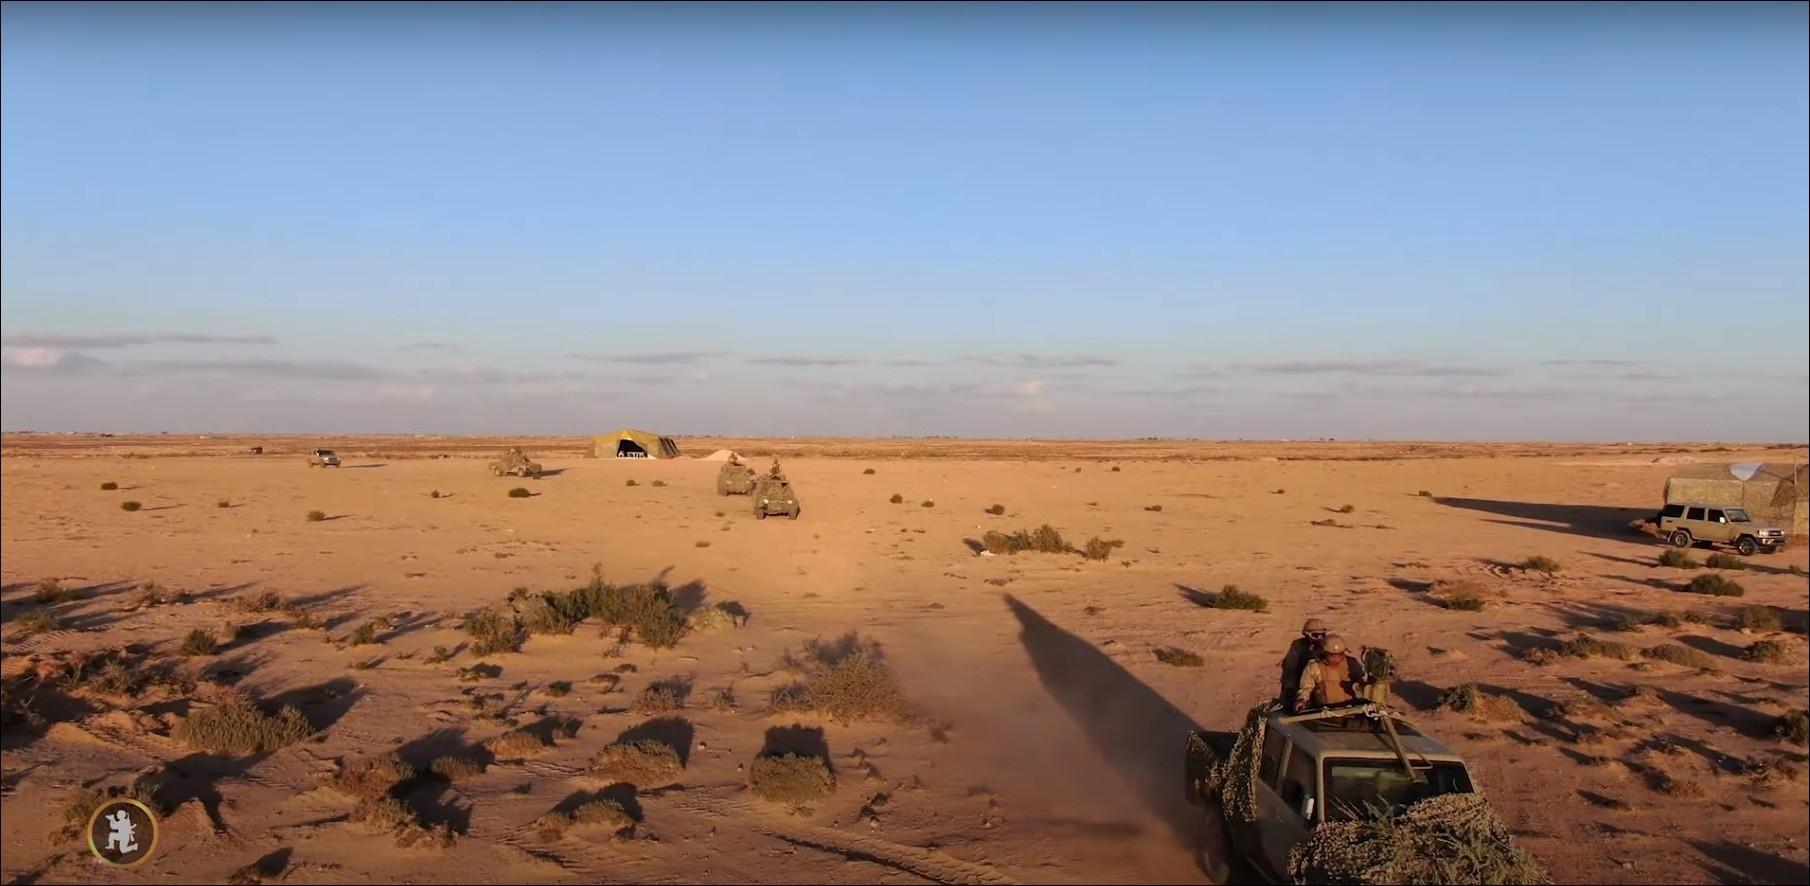 利比亚国民警卫队举行了一次演习,展示了航空、火炮和装甲车。